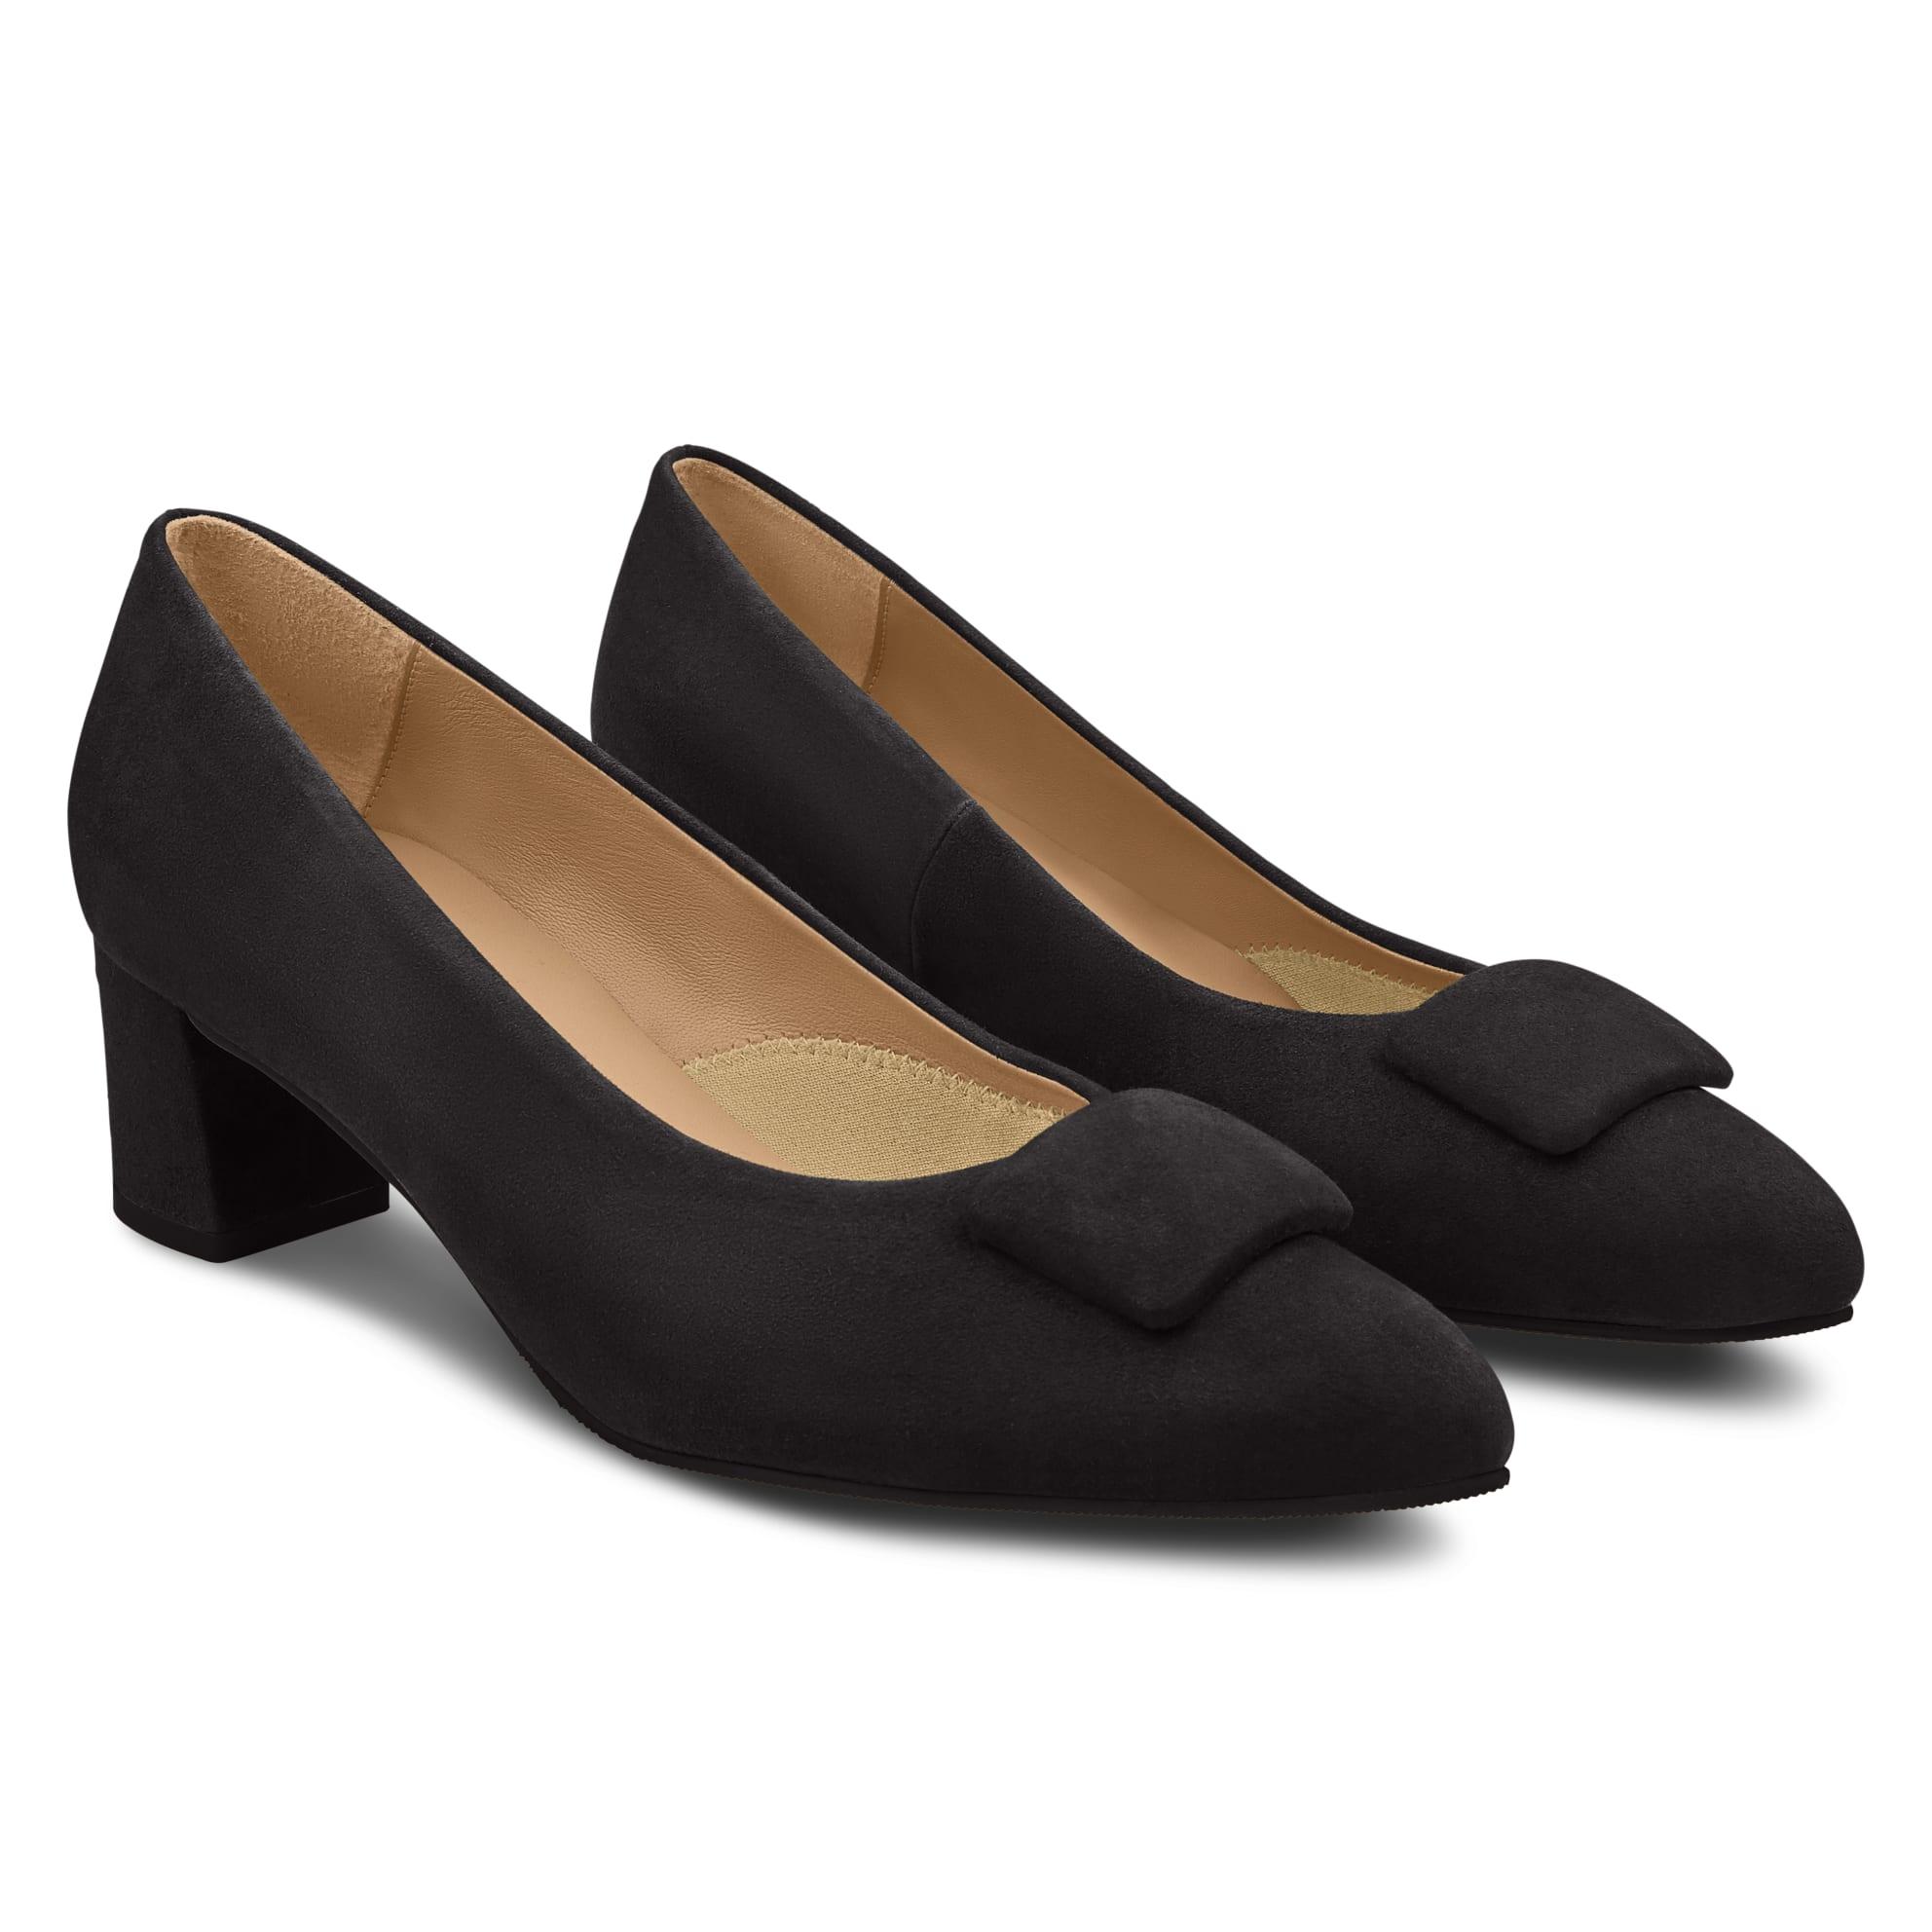 Pumps Spitz mit Kissen Schwarz – modischer und bequemer Schuh für Hallux valgus und empfindliche Füße von LaShoe.de